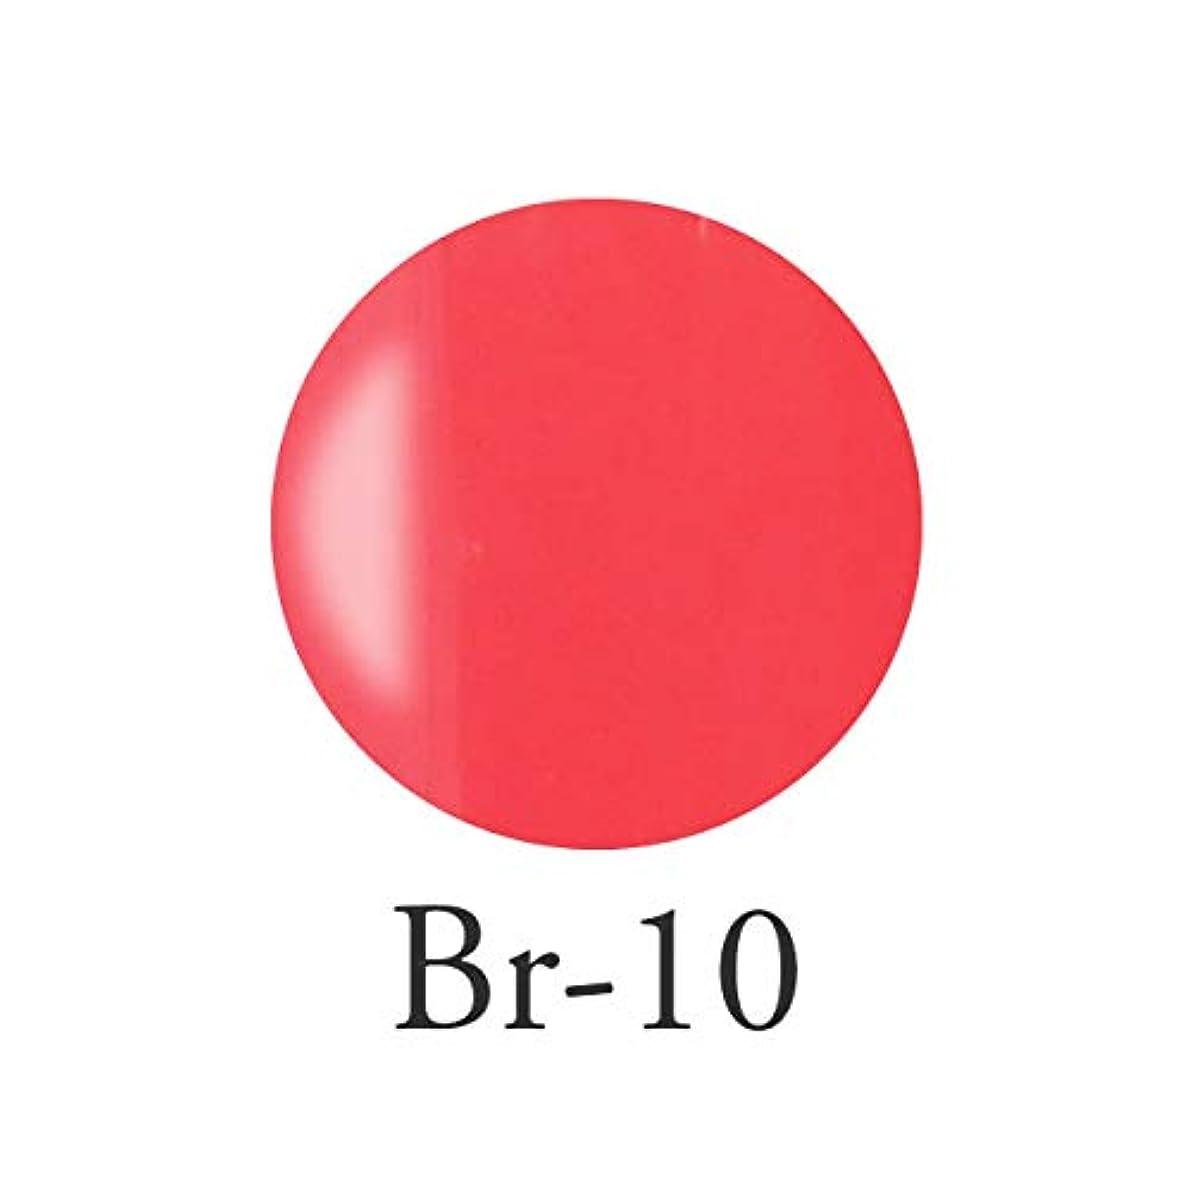 複数任意分析するエンジェル クィーンカラージェル カミーユピンク Br-10 3g